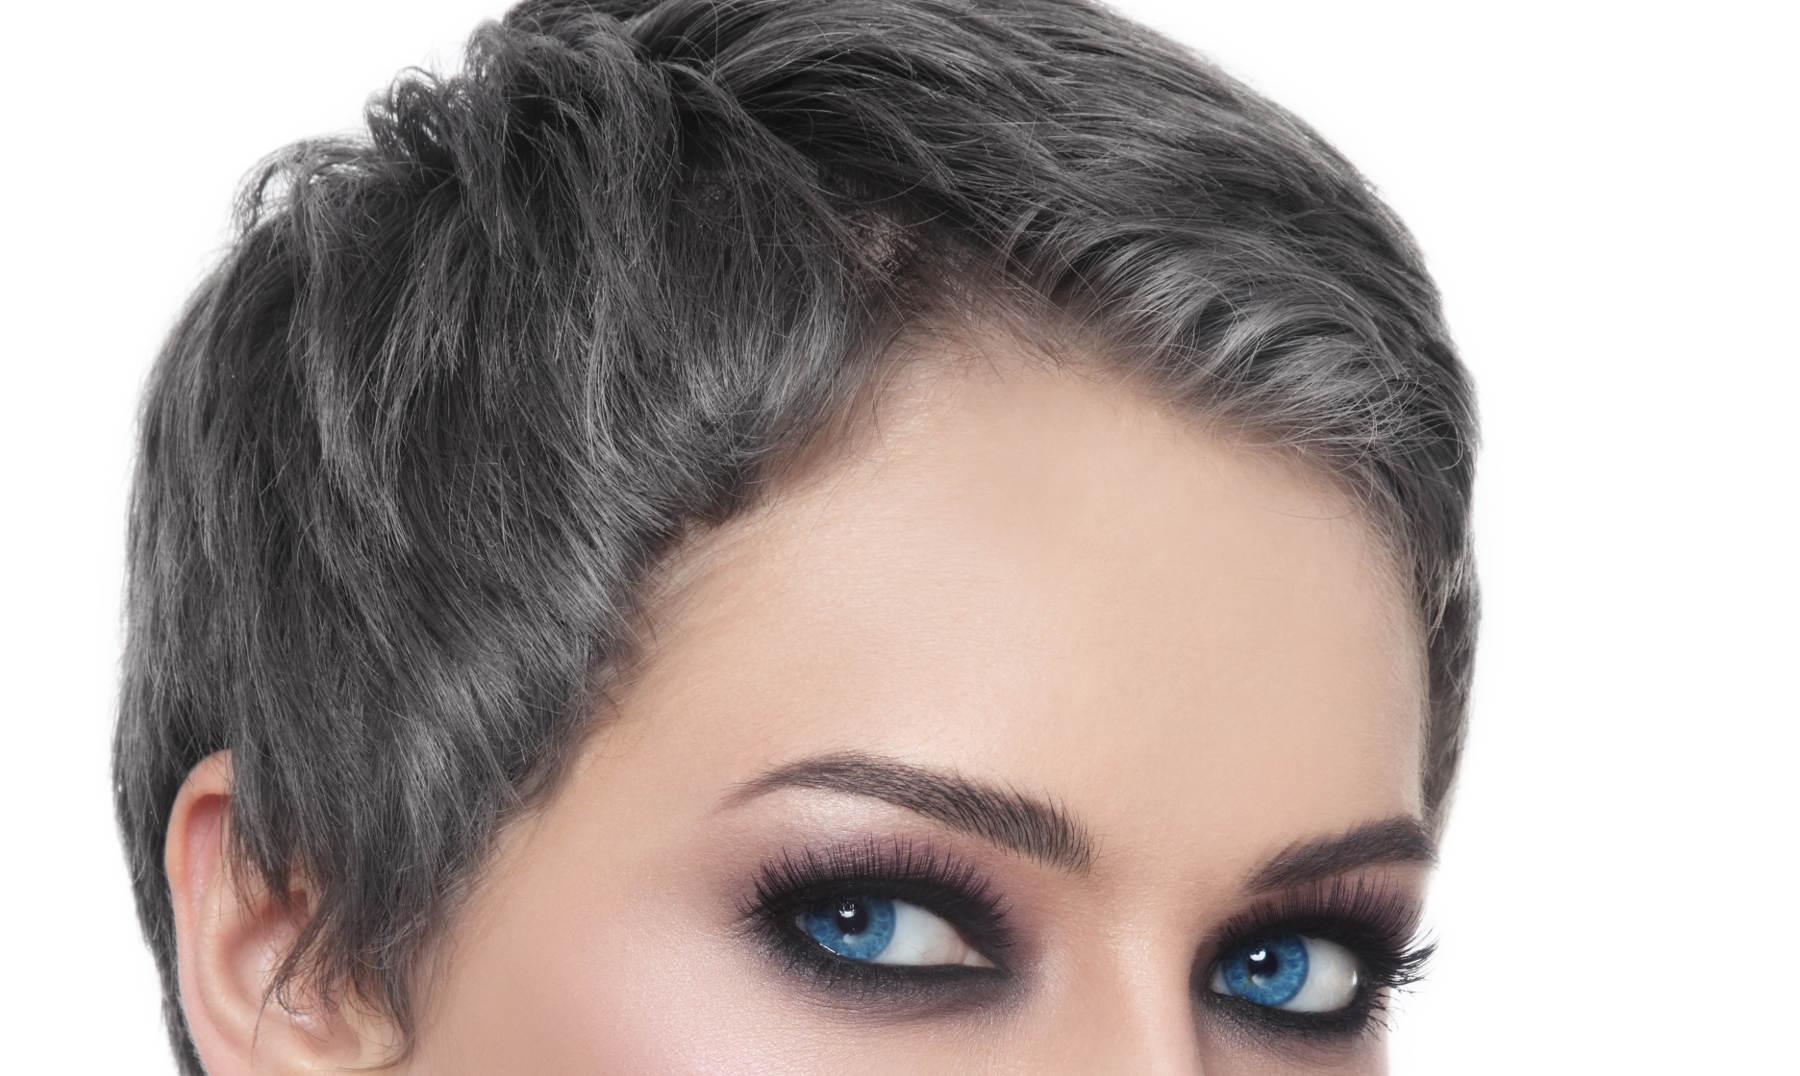 Las medicinas contra la caída de los cabello a los adolescentes